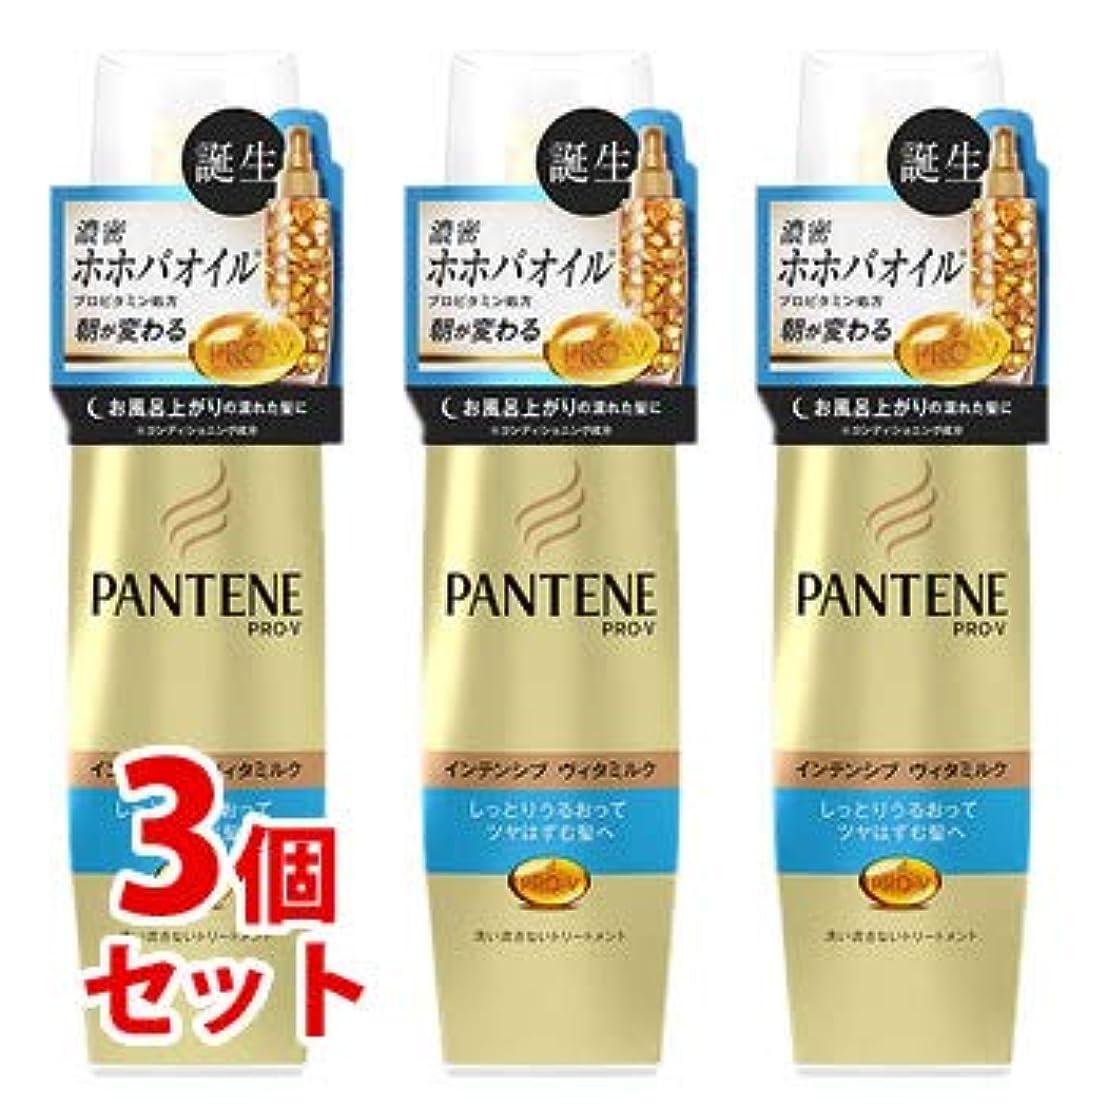 ピクニックをする読書素晴らしい《セット販売》 P&G パンテーン モイストスムースケア インテンシブヴィタミルク パサついてまとまらない髪用 (100mL)×3個セット 洗い流さないトリートメント